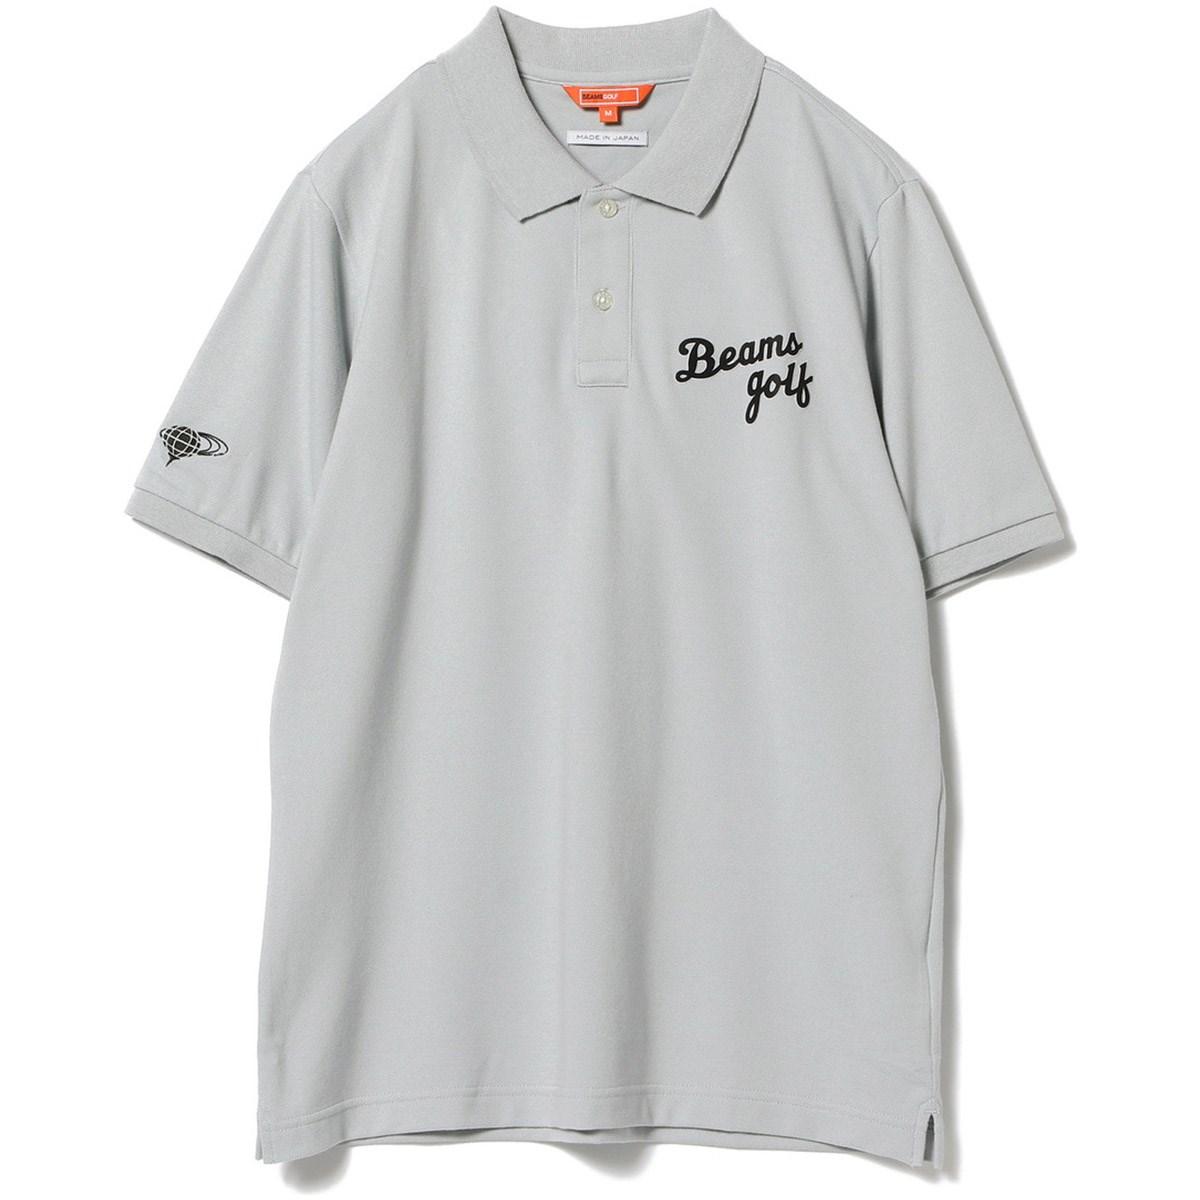 ビームスゴルフ BEAMS GOLF ORANGE LABEL シーズンロゴ ポロシャツ